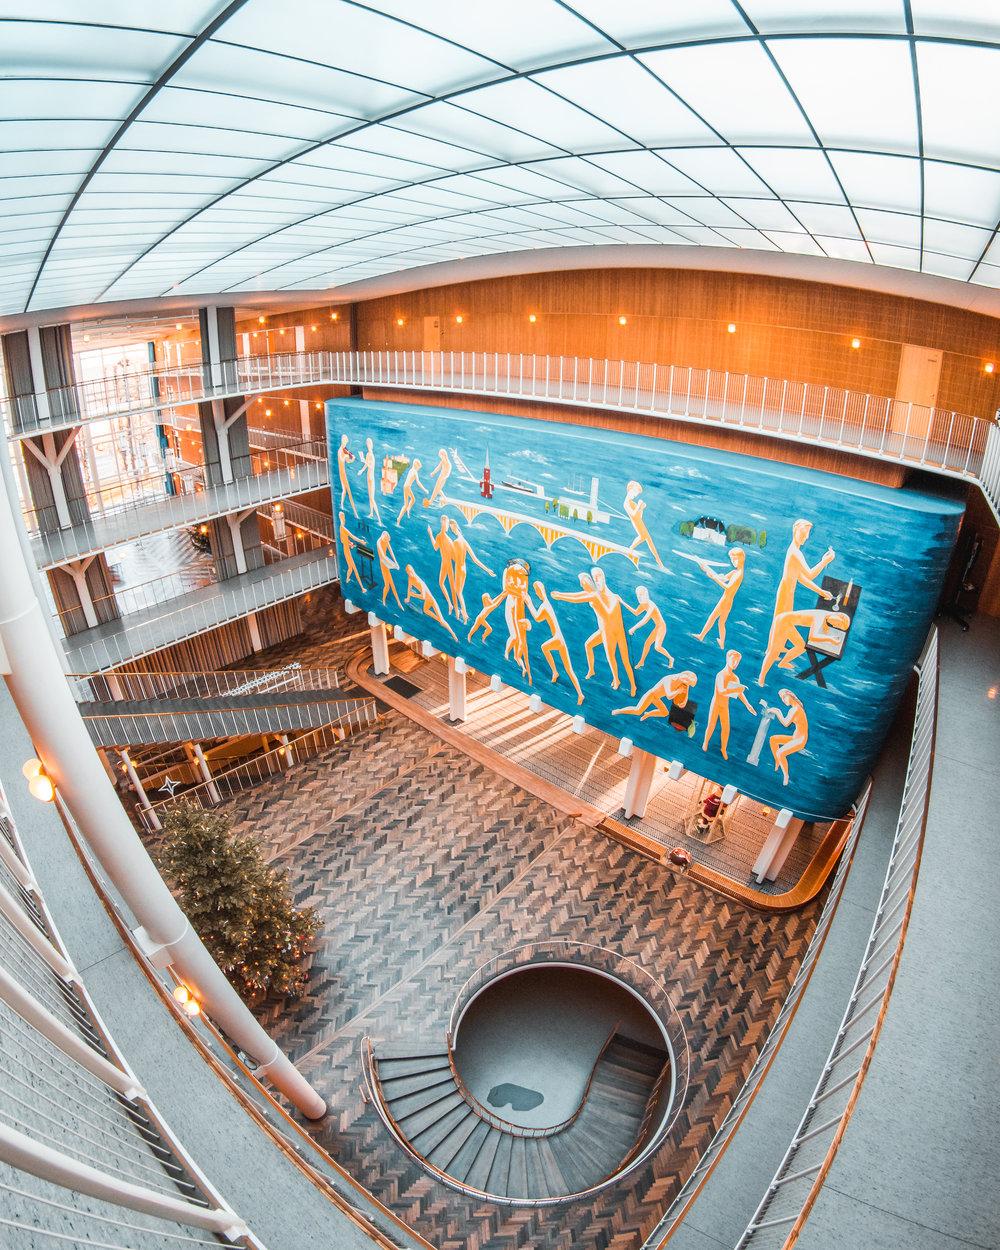 Århus City Hall